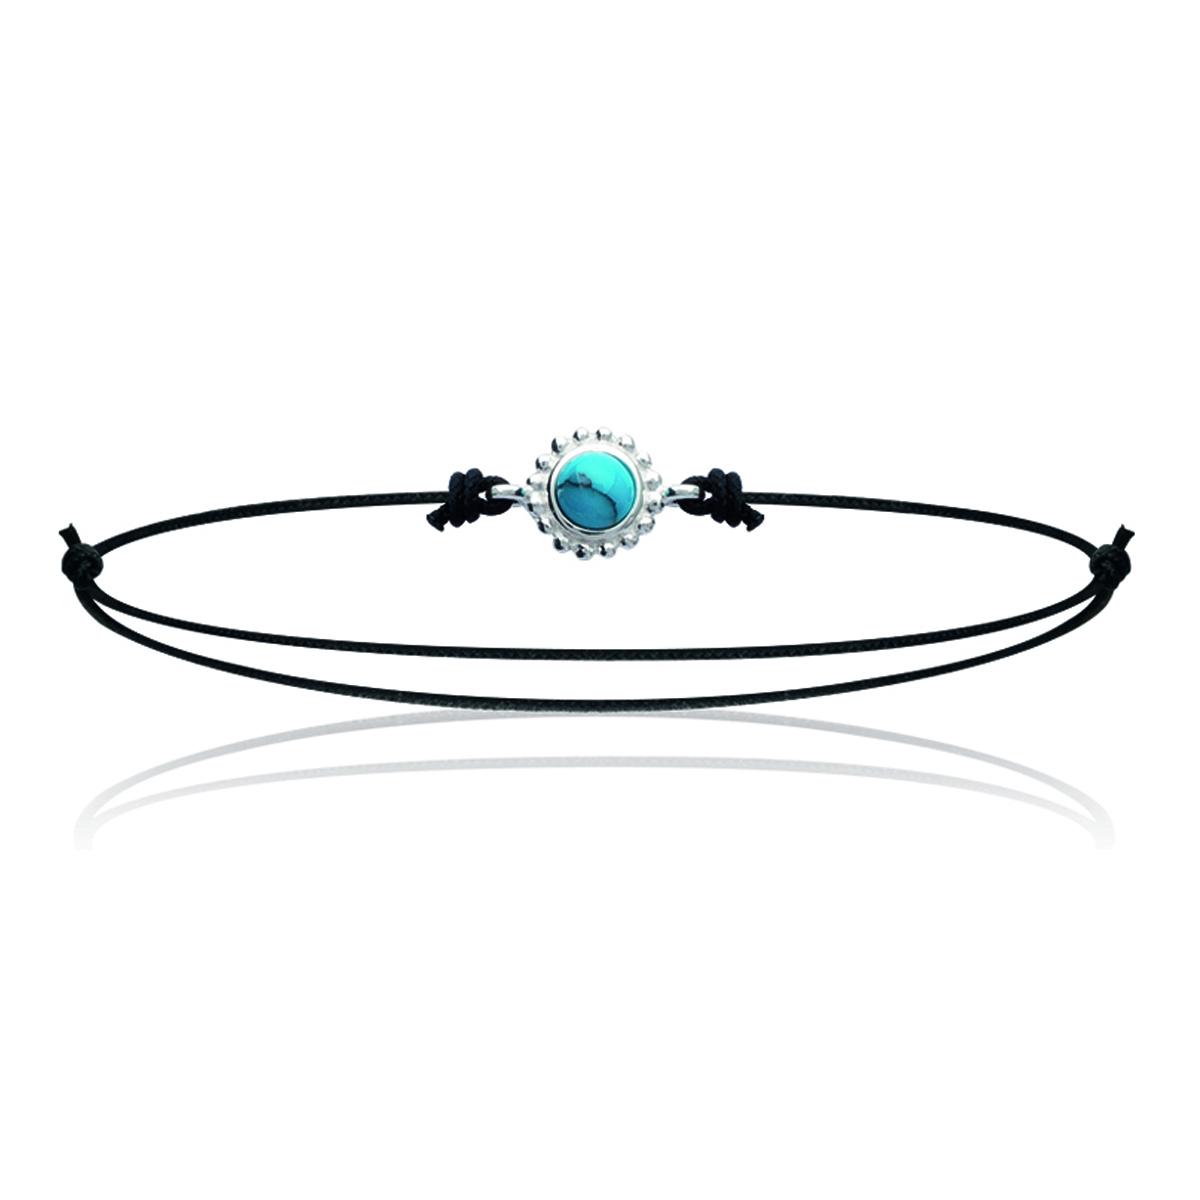 Bracelet Argent \'Mineralia\' turquoise argenté noir - 7 mm - [K3856]